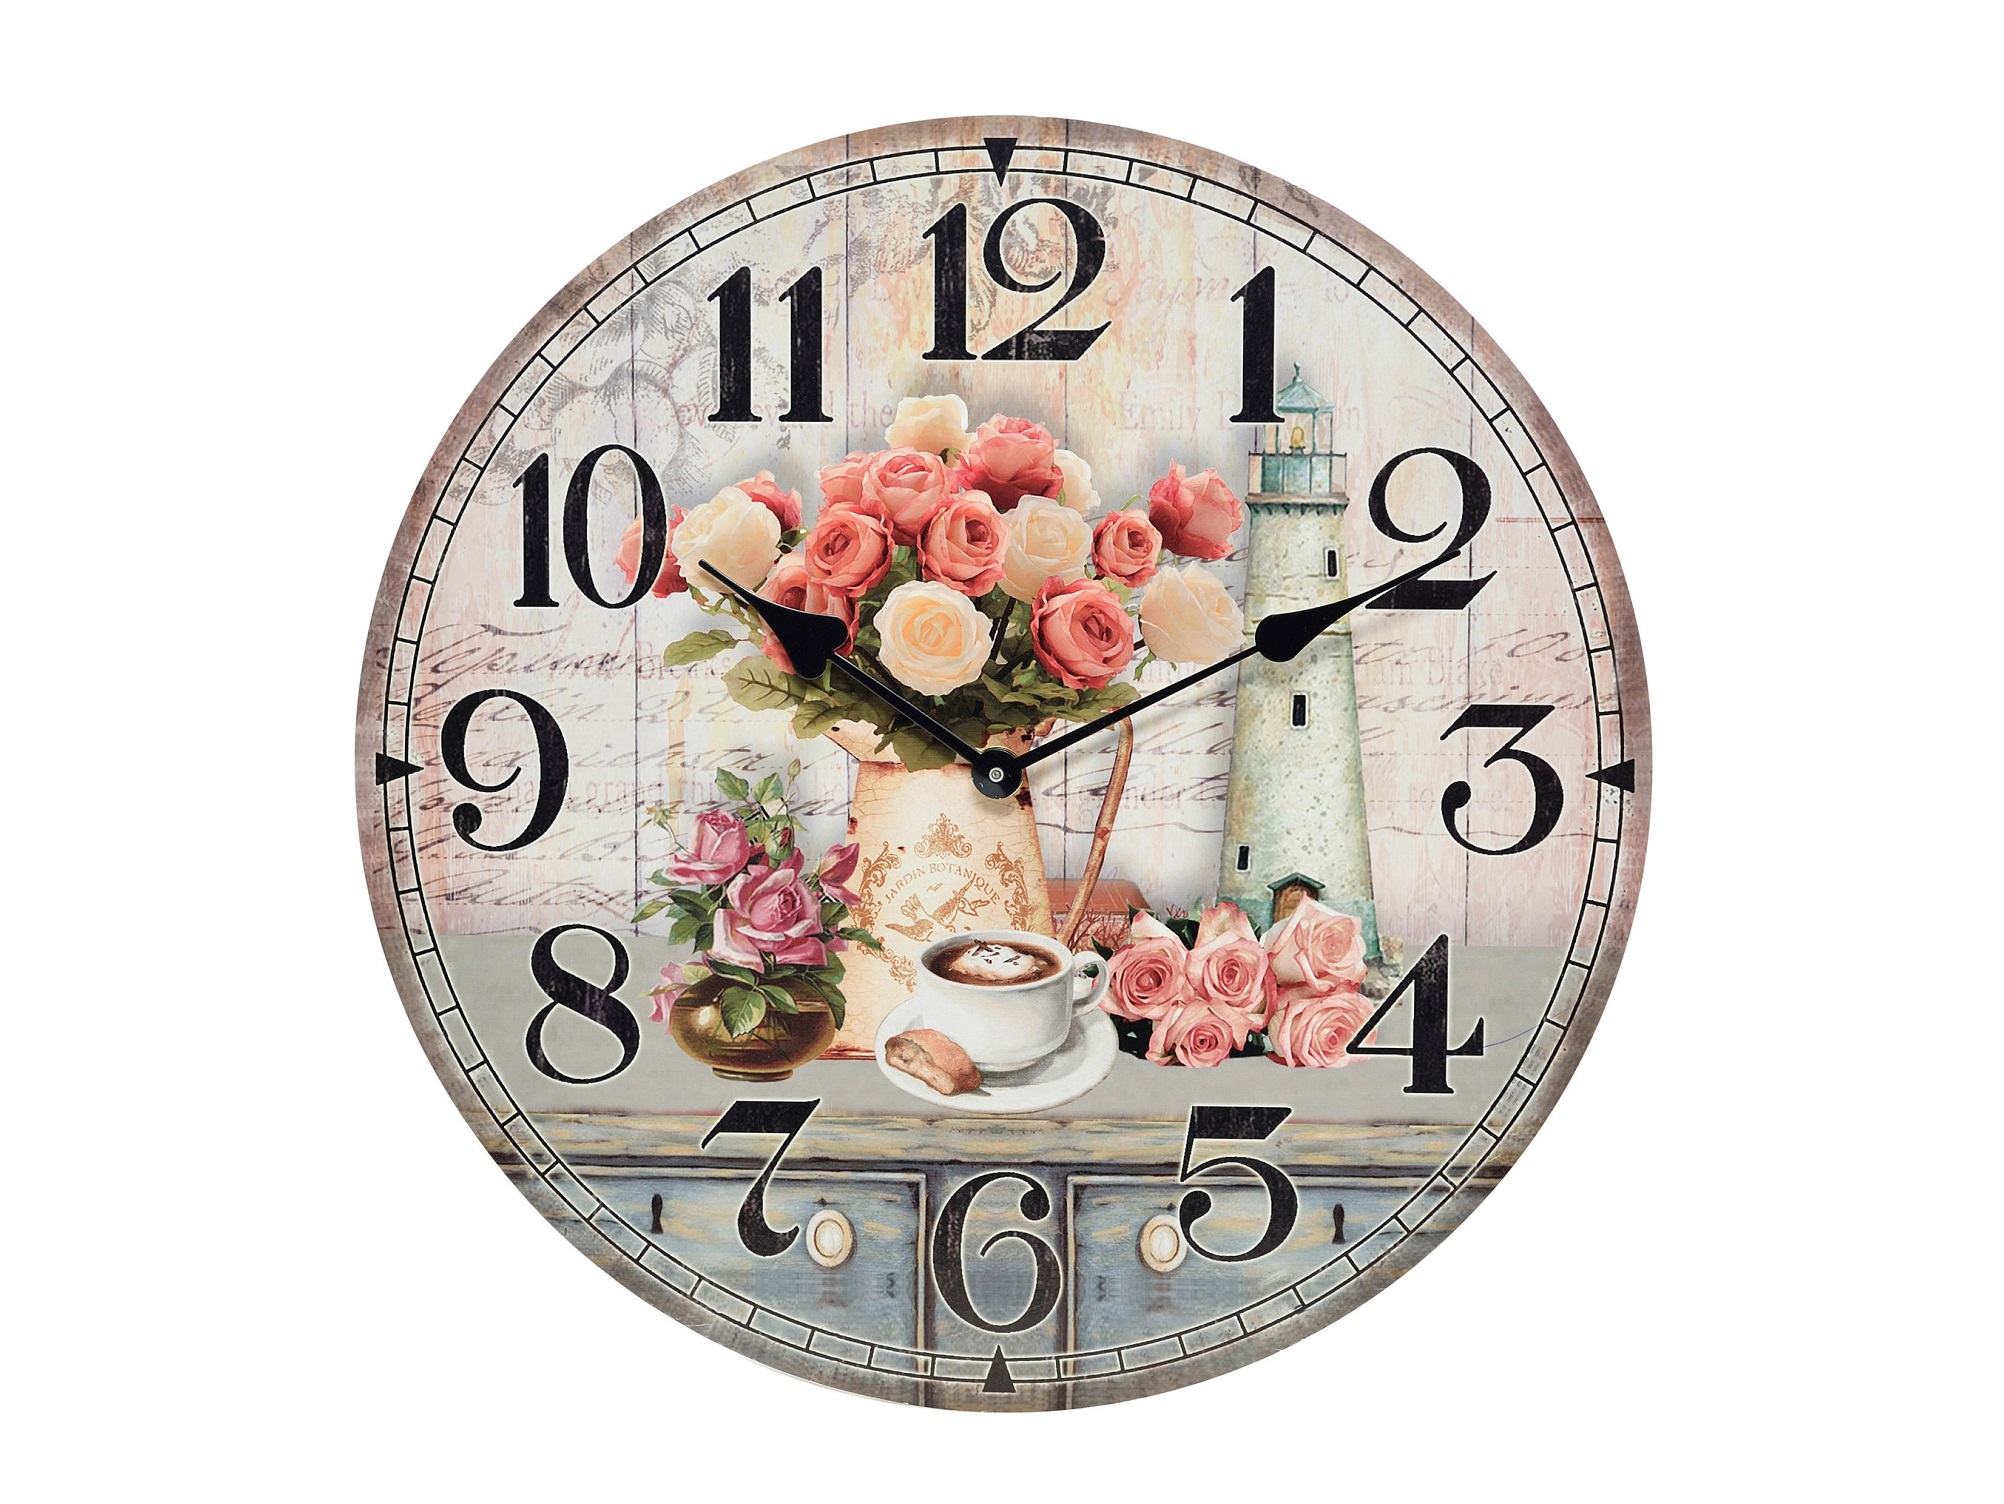 Часы настенные AndresНастенные часы<br>Кварцевый механизм<br><br>Material: МДФ<br>Глубина см: 4.0